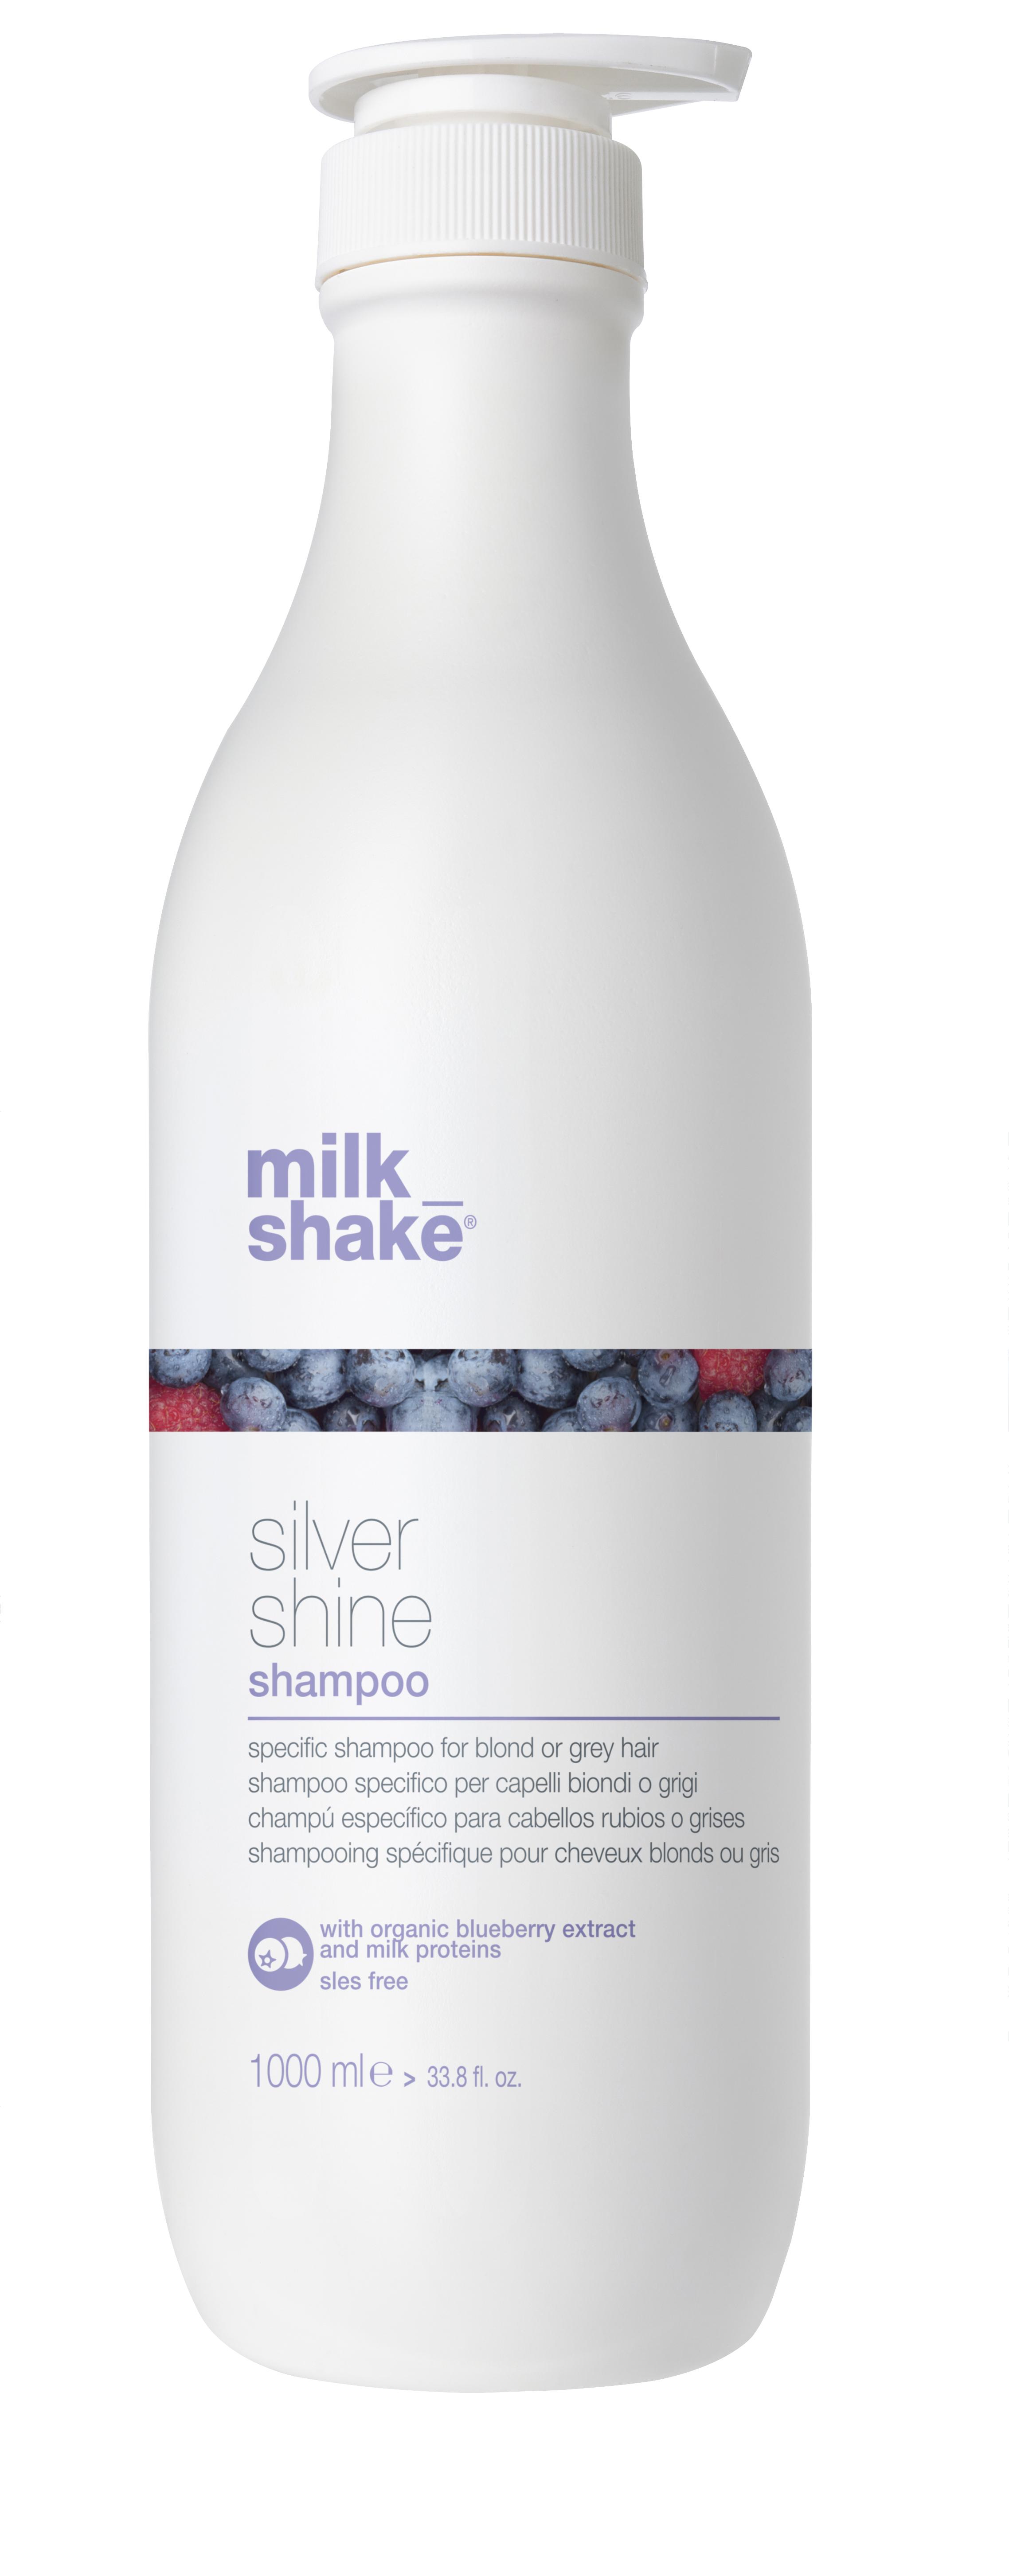 milk_shake - Silver Shine Shampoo 1000 ml